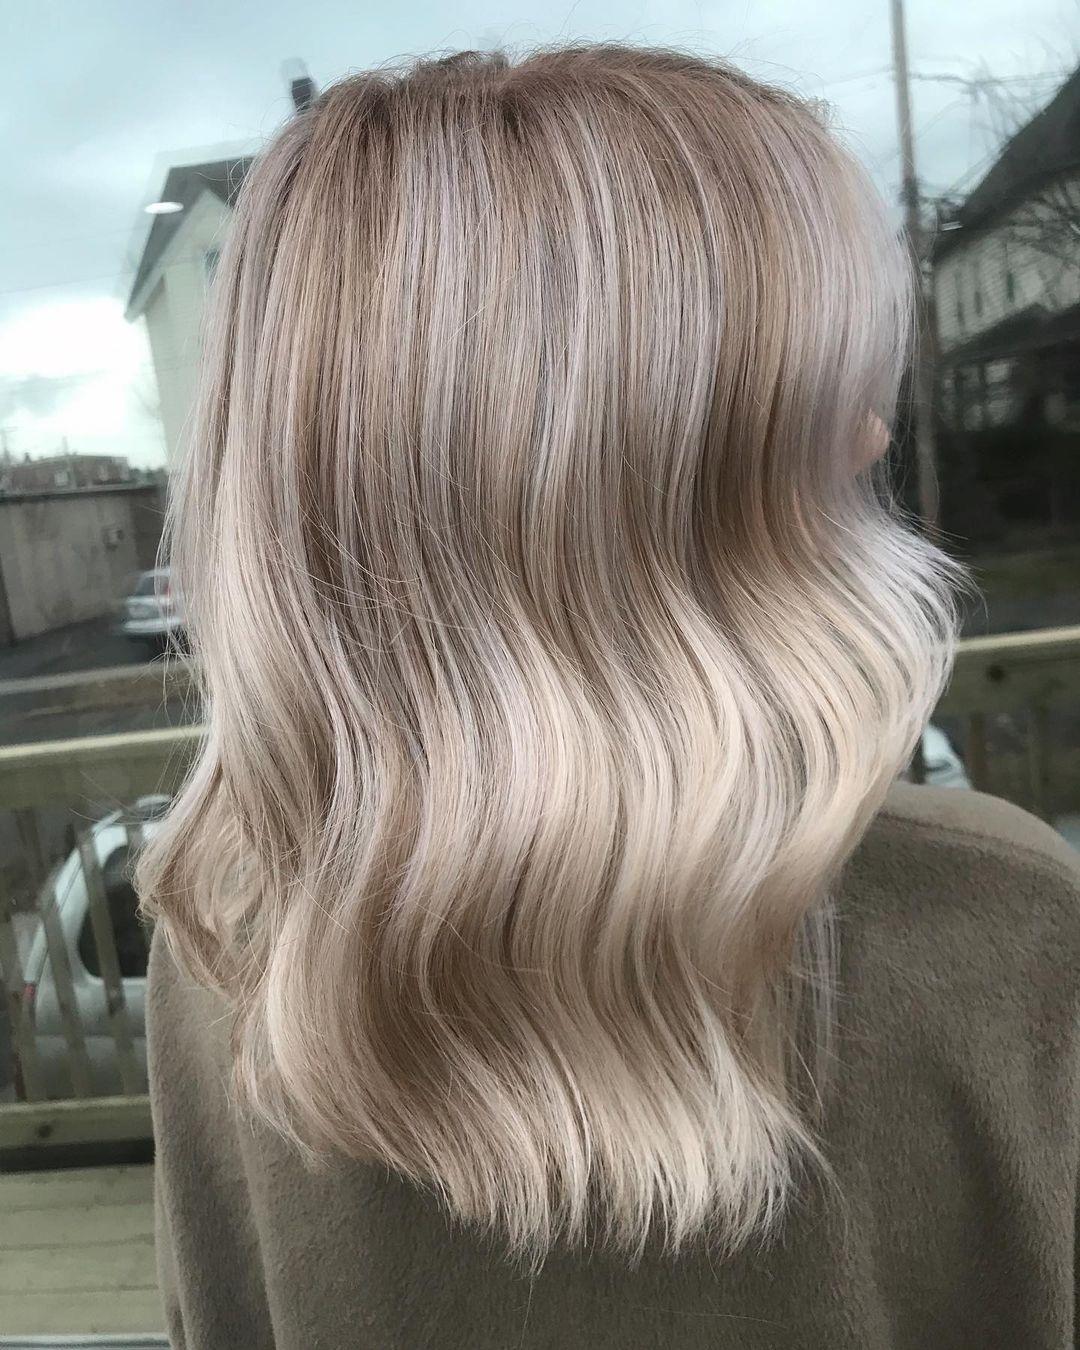 кремовый бежевый блонд окрашивание для блондинок на светлые волосы осень-зима 2020-2021